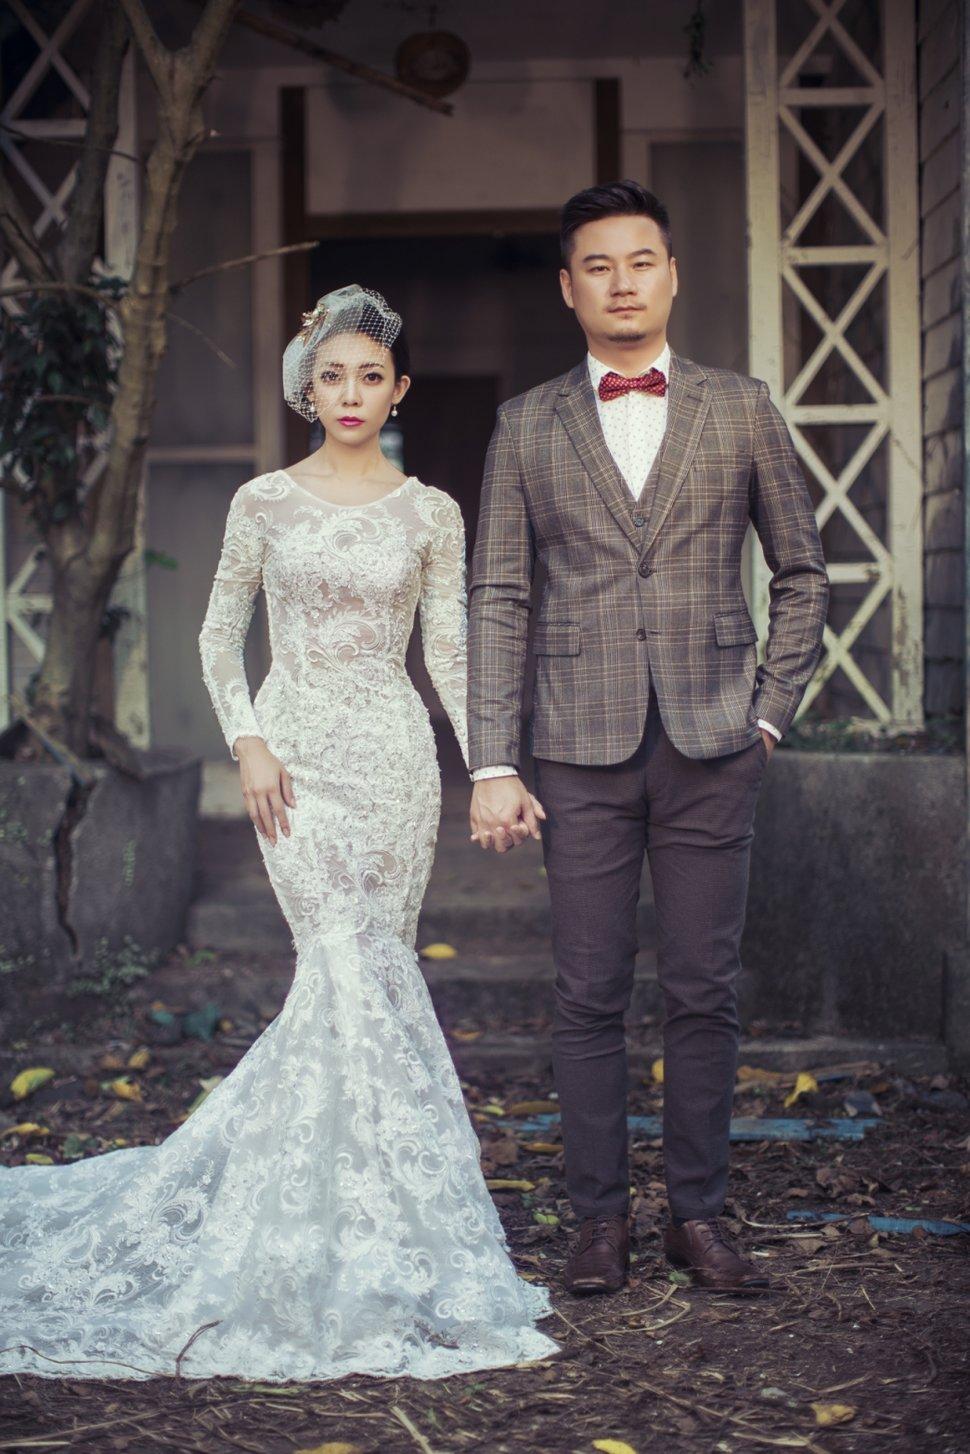 國內婚紗(編號:5270) - AC Photography - 結婚吧